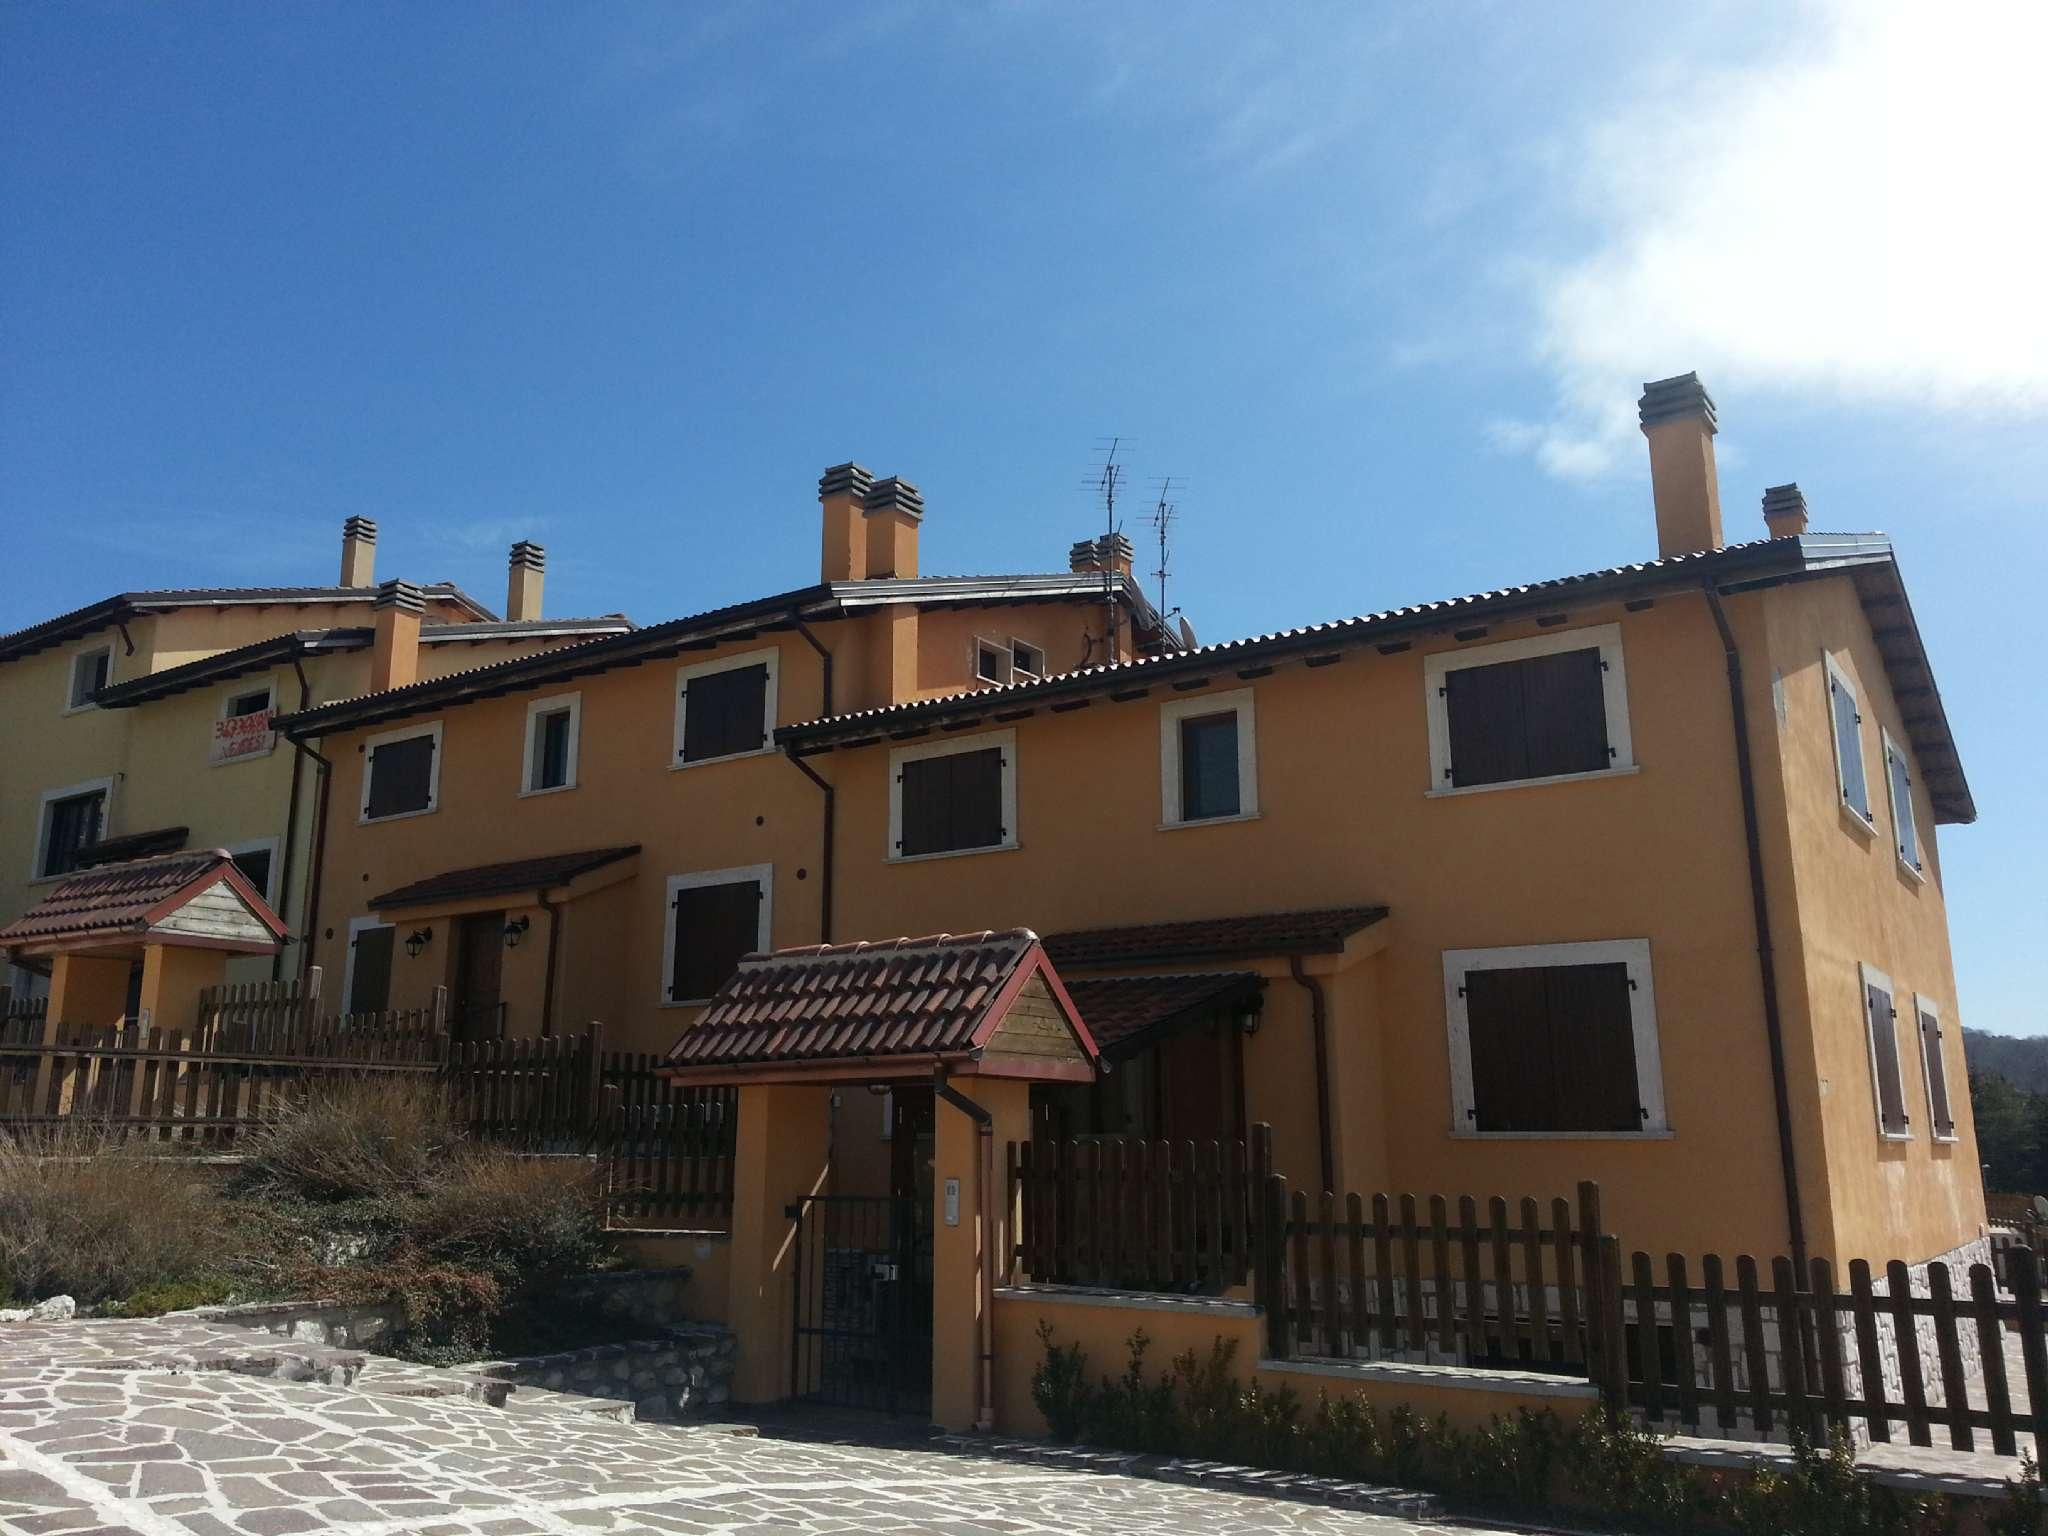 Appartamento in vendita a Rocca di Mezzo, 4 locali, prezzo € 95.000 | PortaleAgenzieImmobiliari.it